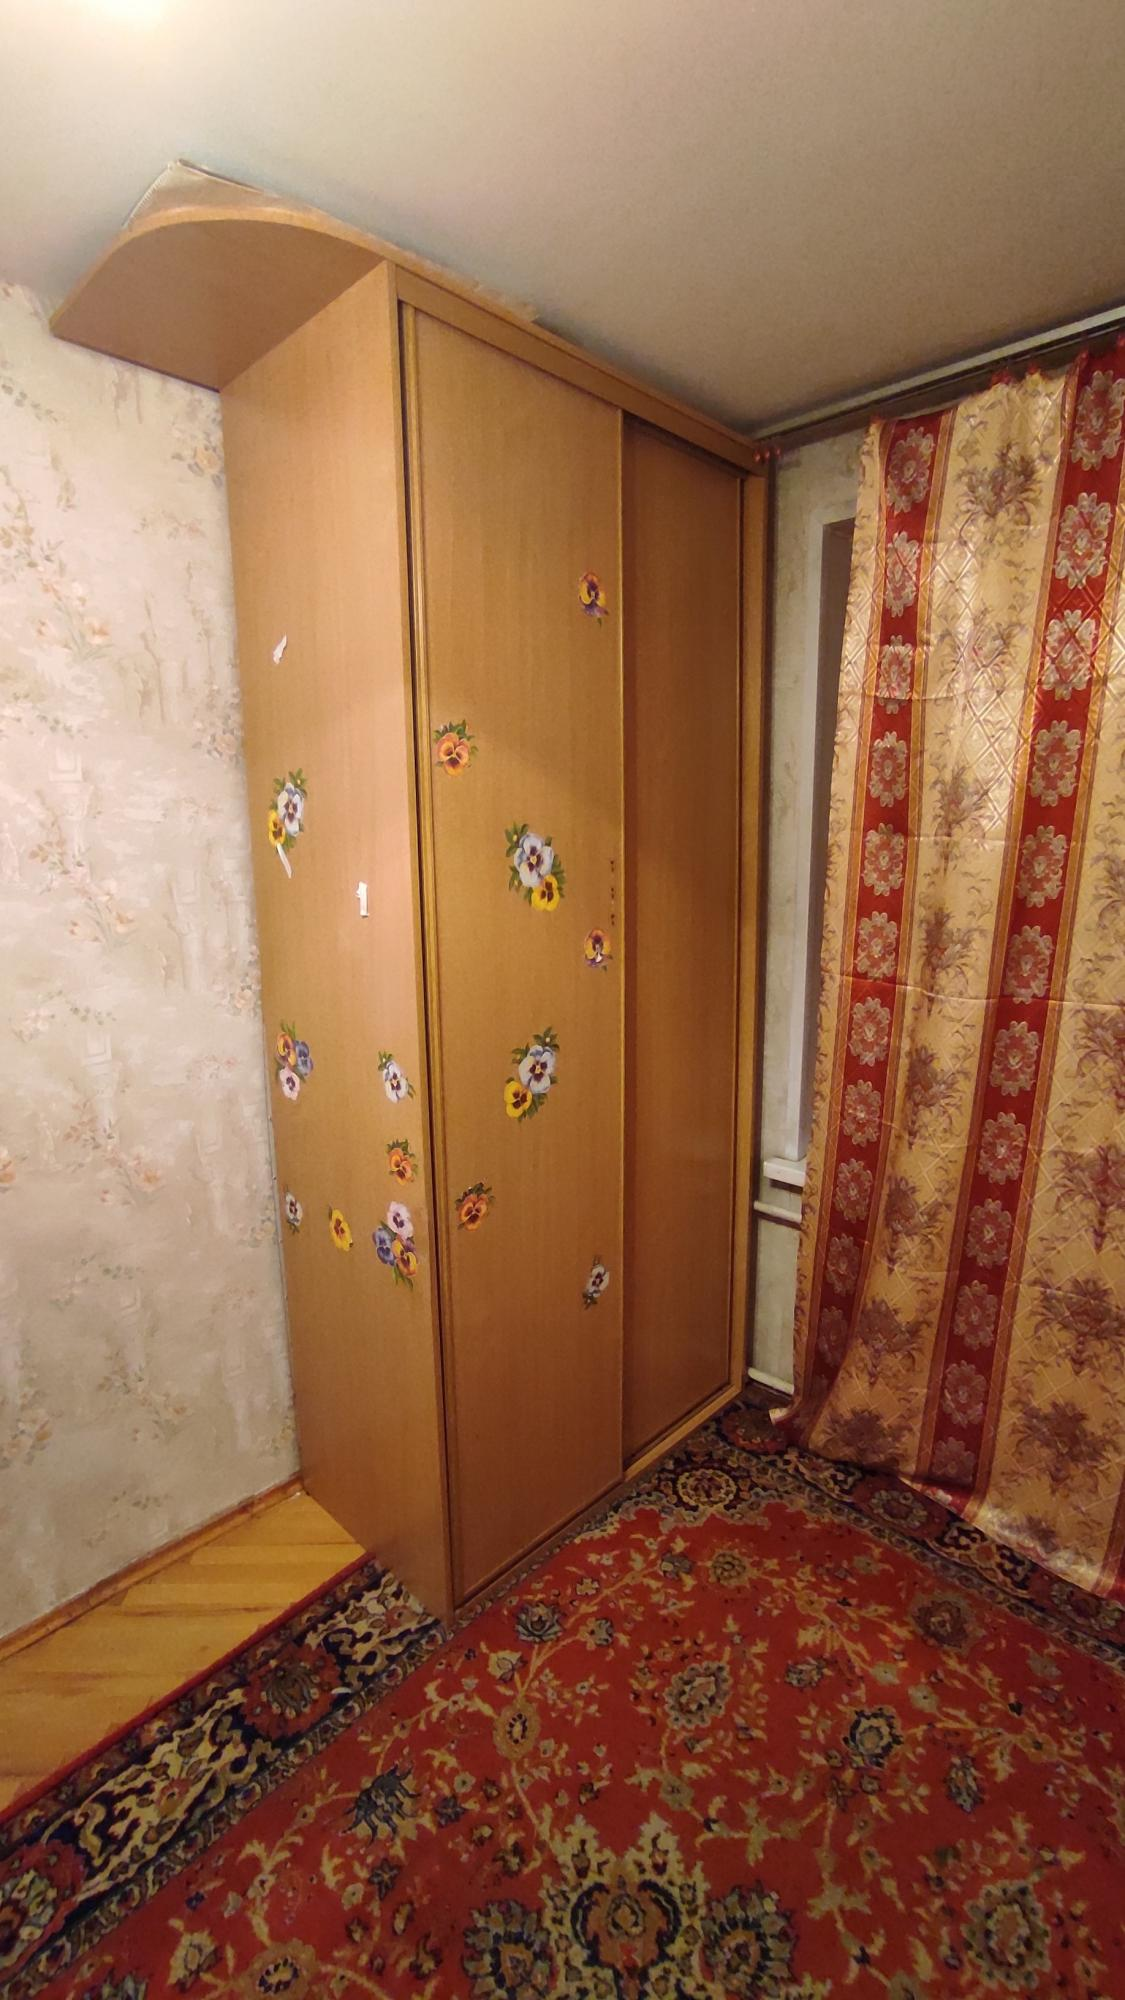 Квартира, 2 комнаты, 43.5 м² в Люберцах 89859757413 купить 6